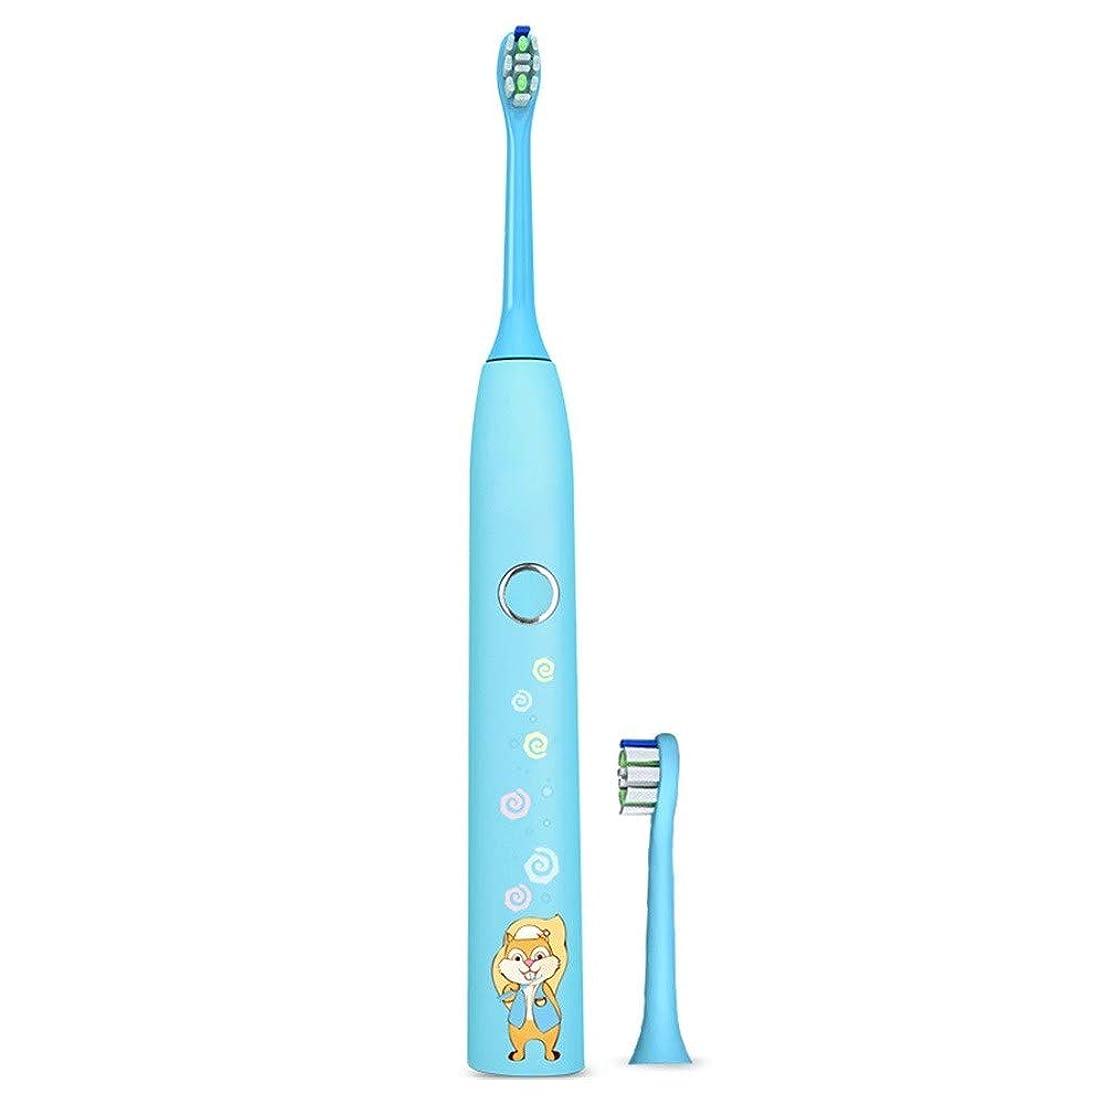 洞窟たるみ任命子供用電動歯ブラシ 電動歯ブラシ 電動歯ブラシ 歯ブラシ 歯ブラシ 充電式歯ブラシ 充電式歯ブラシ 子供の電動歯ブラシ BE-46